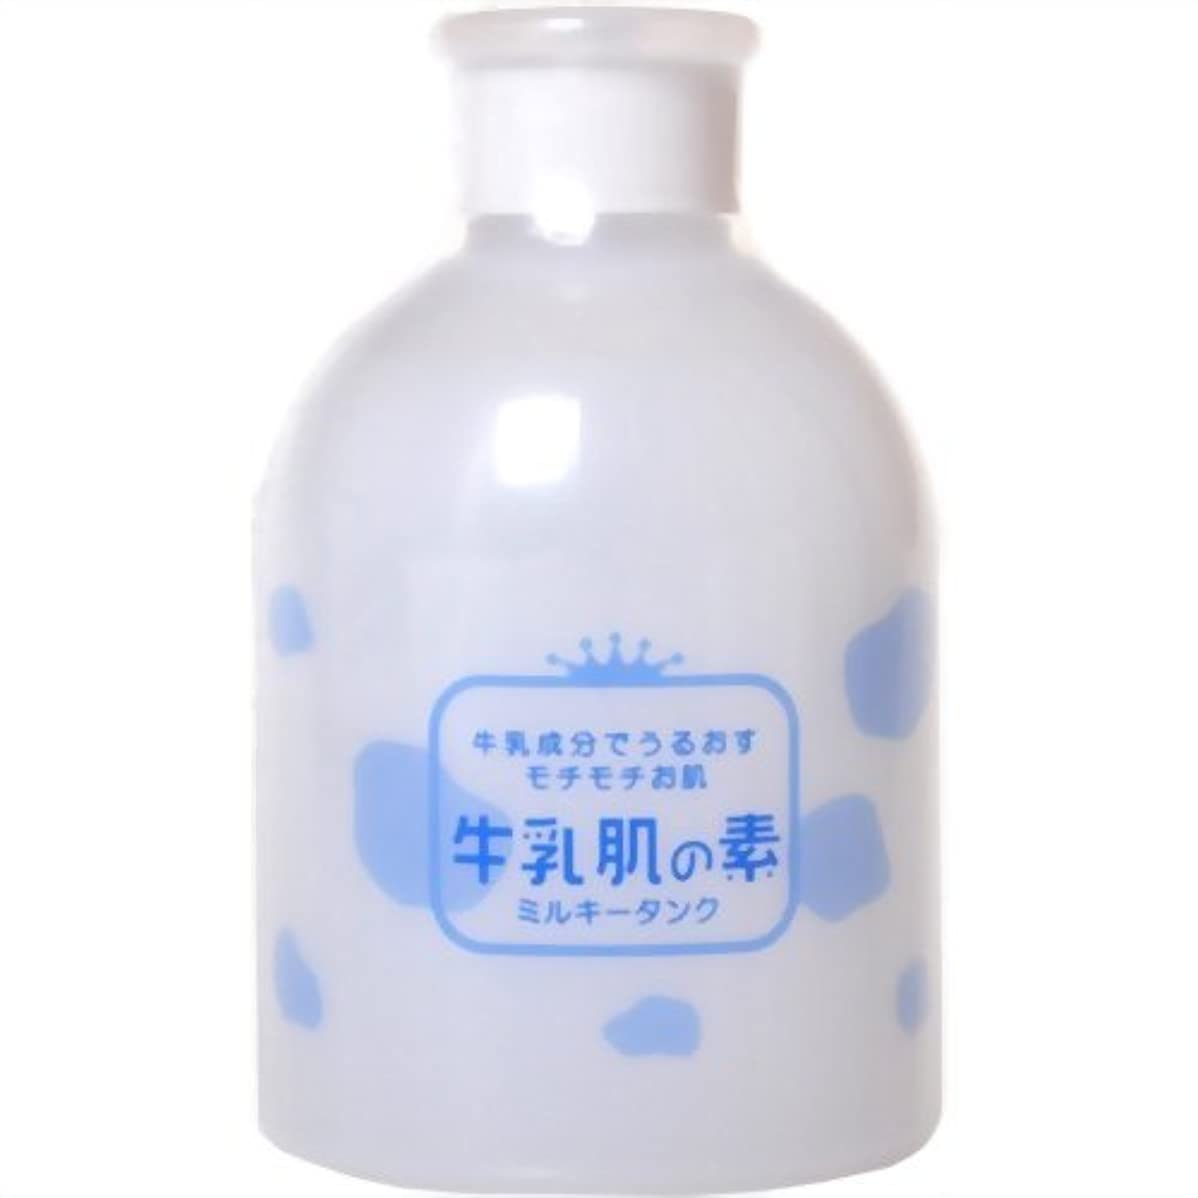 露出度の高い悩み評論家牛乳肌の素 ミルキータンク(化粧水) 300ml